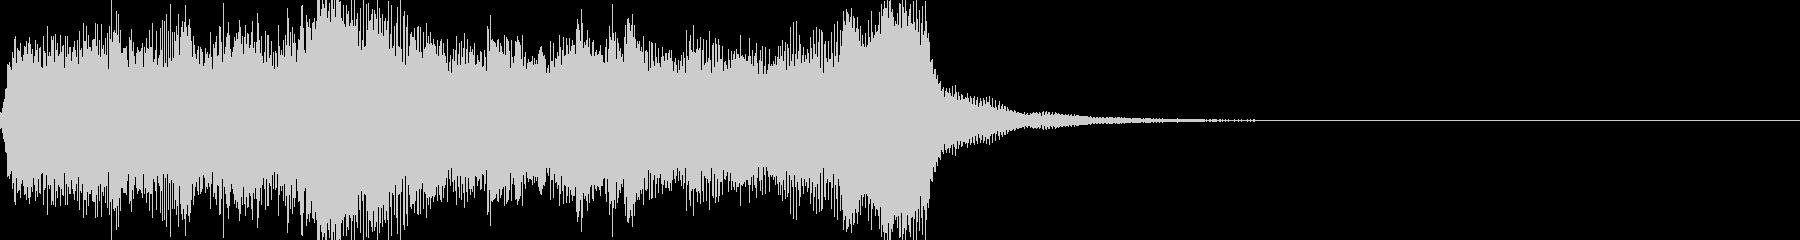 軽い/軽め/小さい ファンファーレ10の未再生の波形